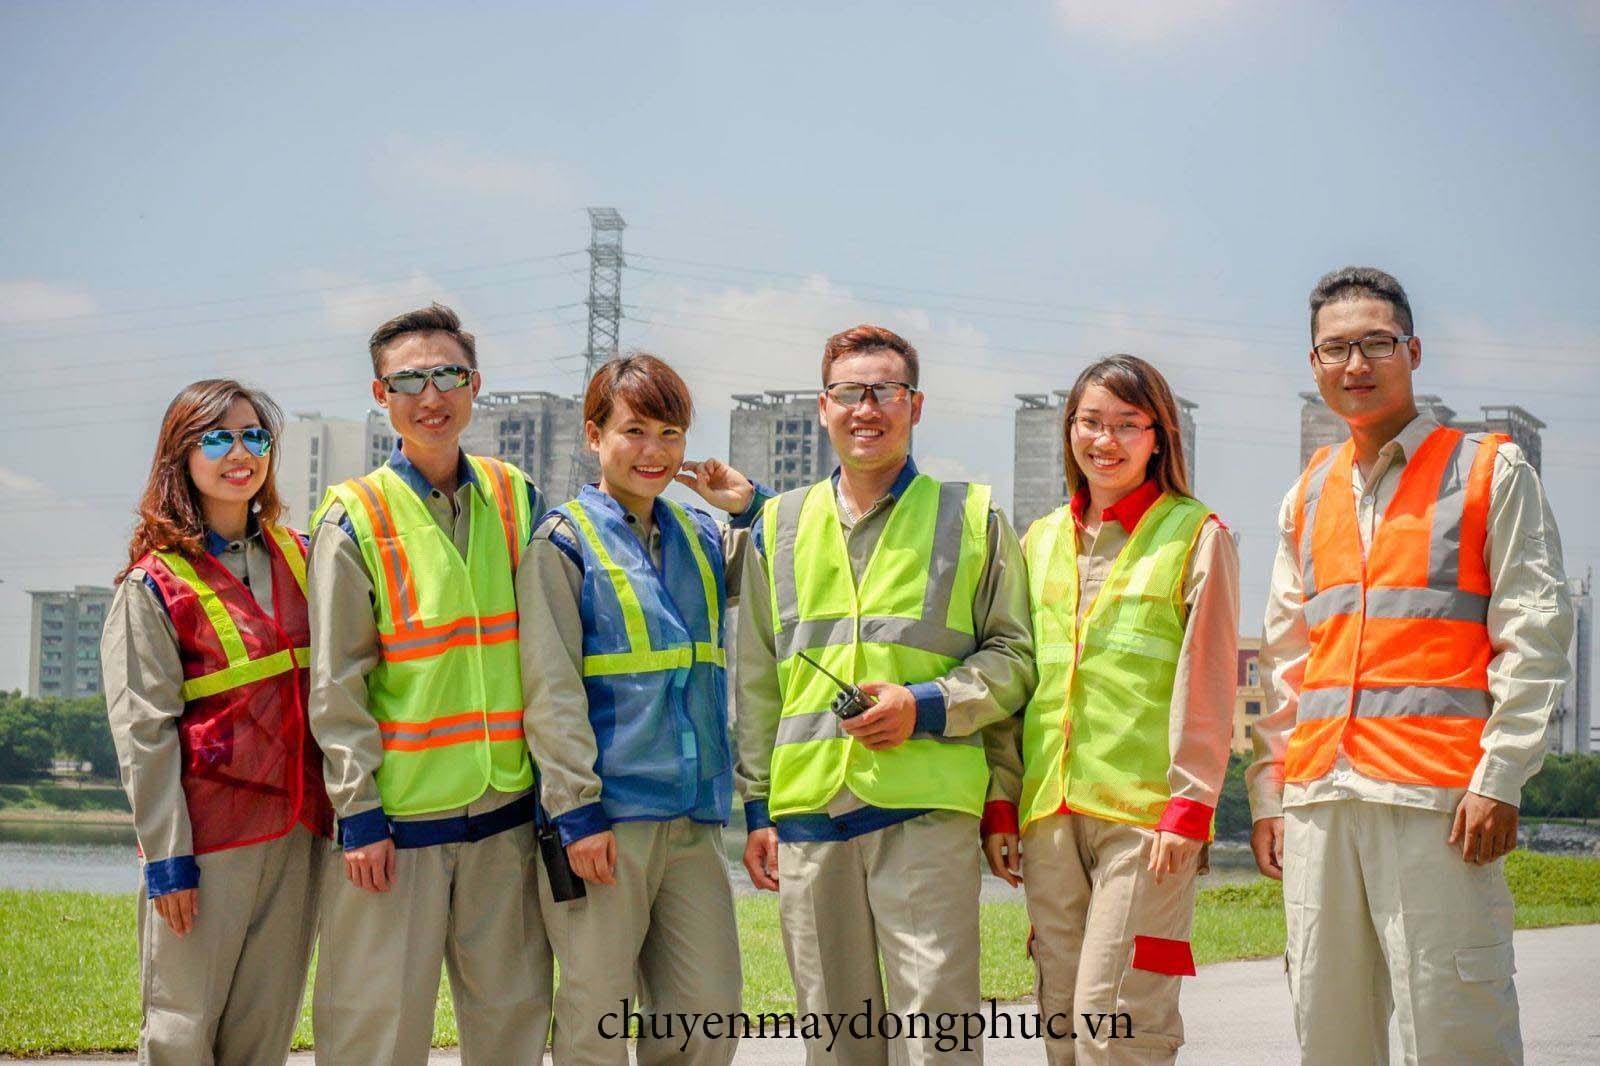 Xưởng may đồng phục công nhân xây dựng